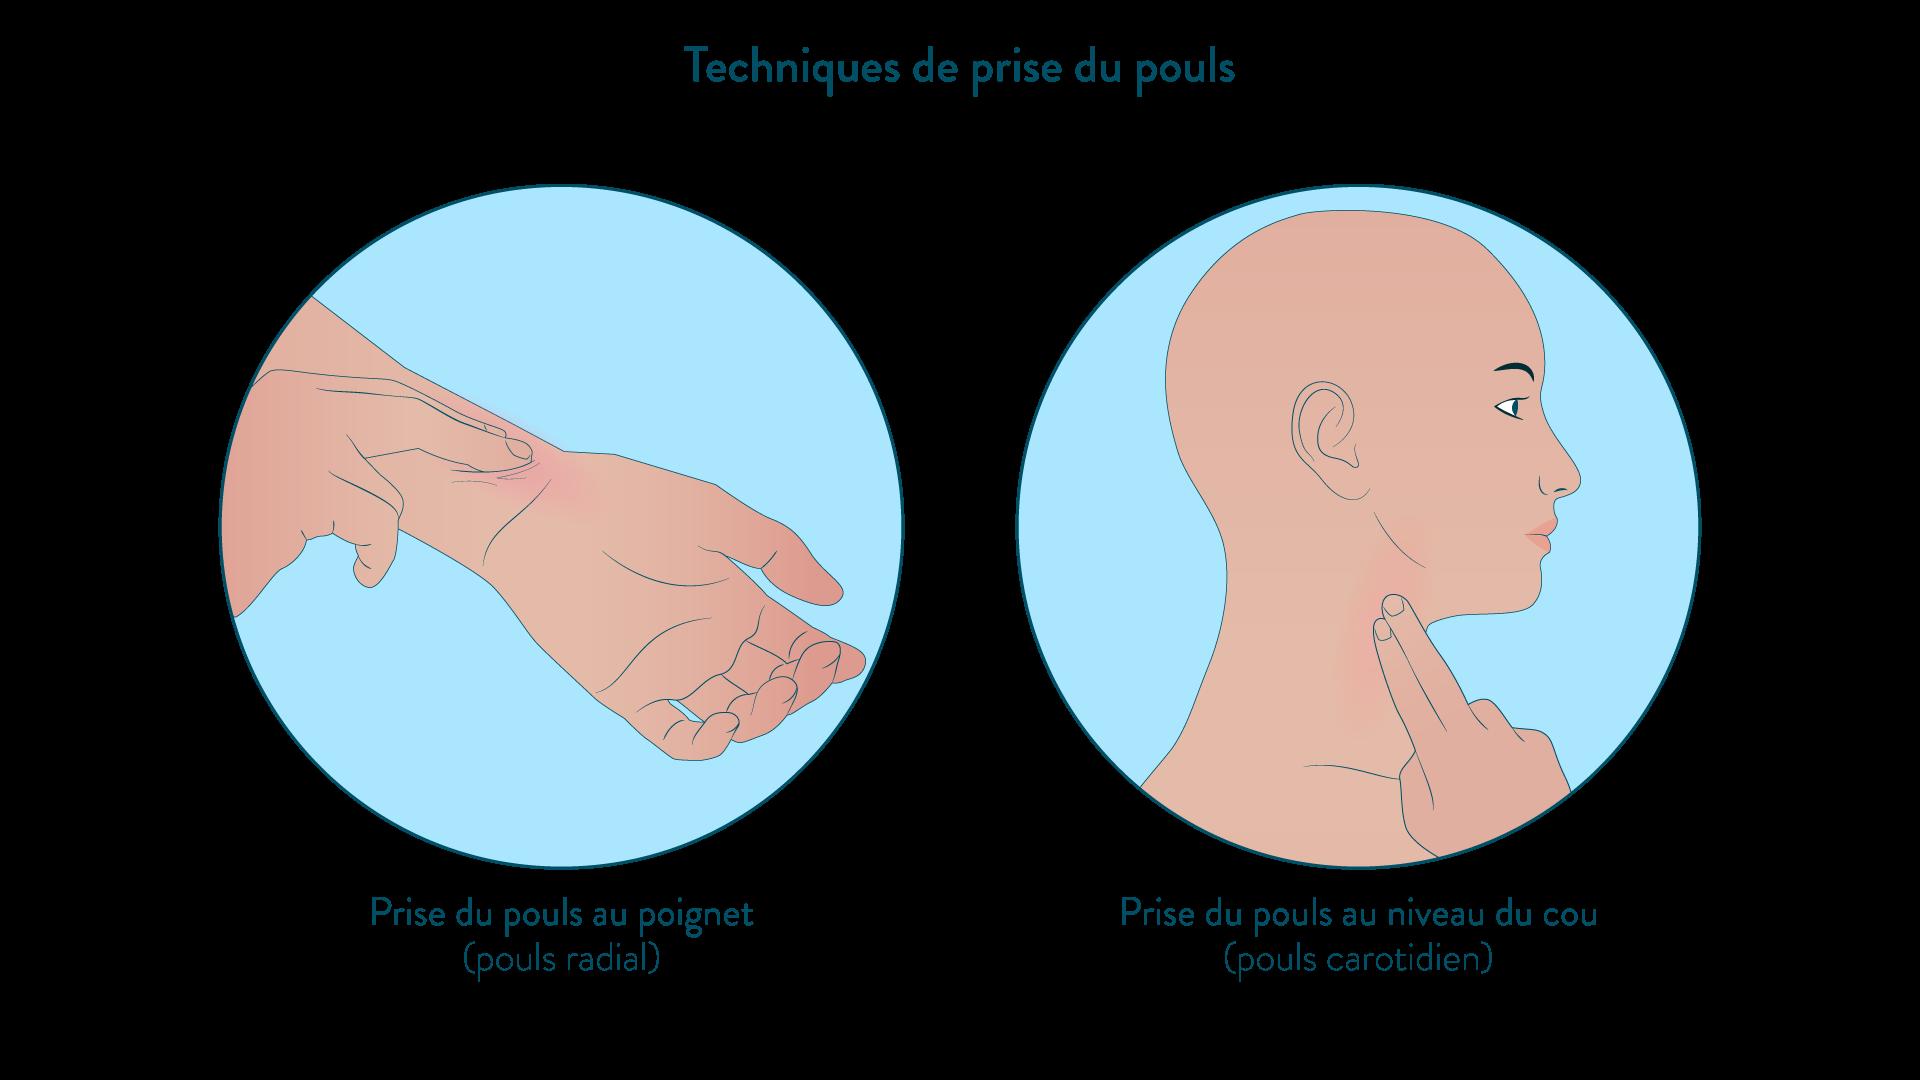 Techniques de prise du pouls